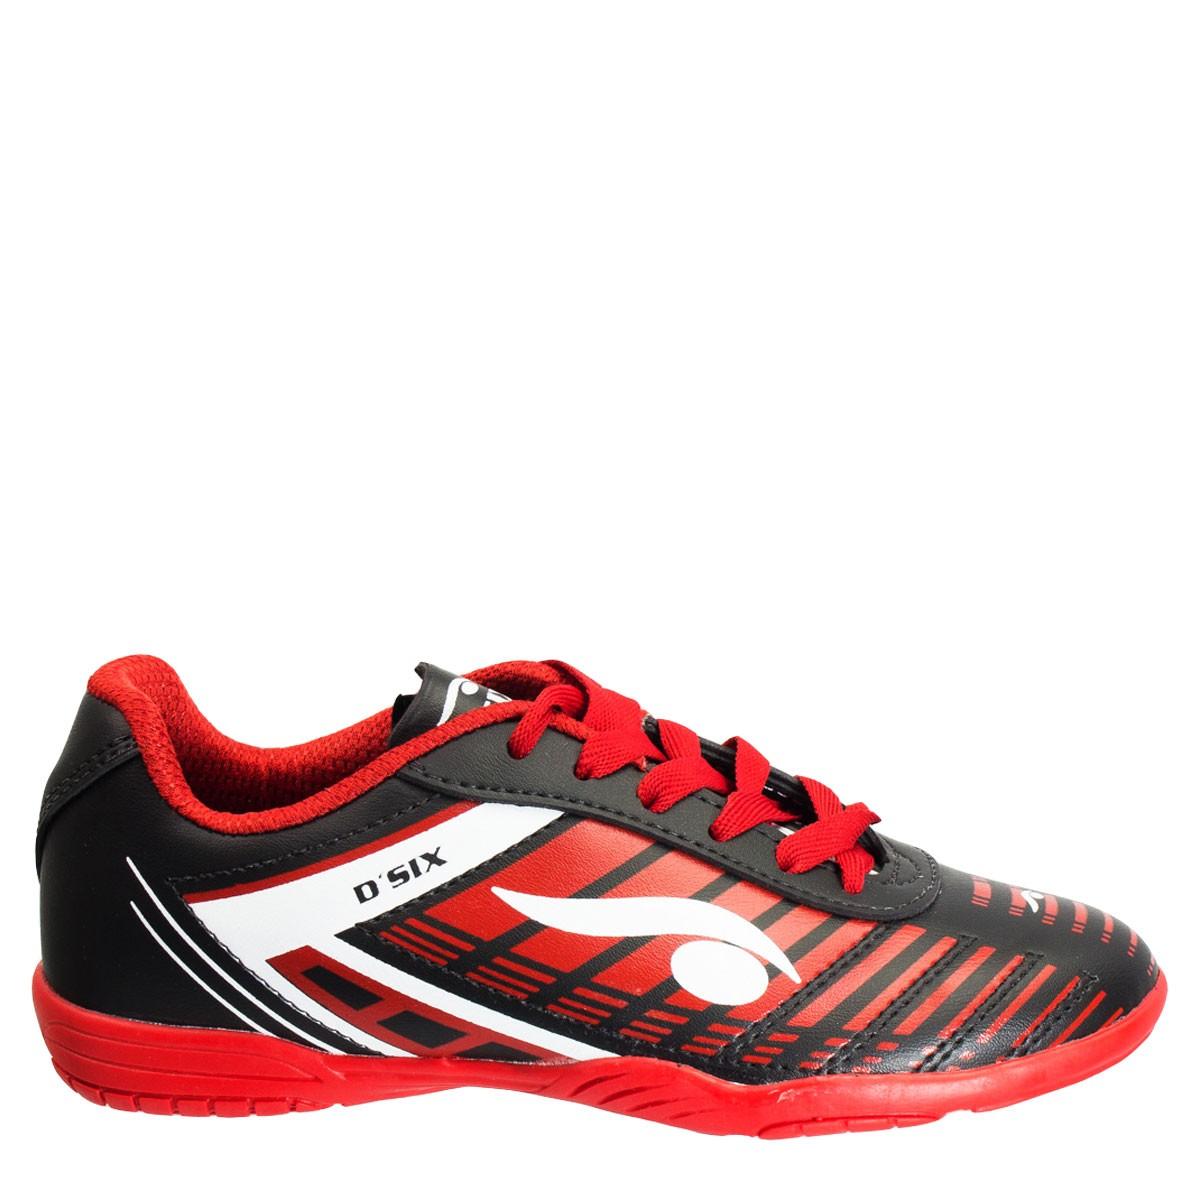 Bizz Store - Chuteira Futsal Masculina D six Indoor b2c3d7d1b5f21